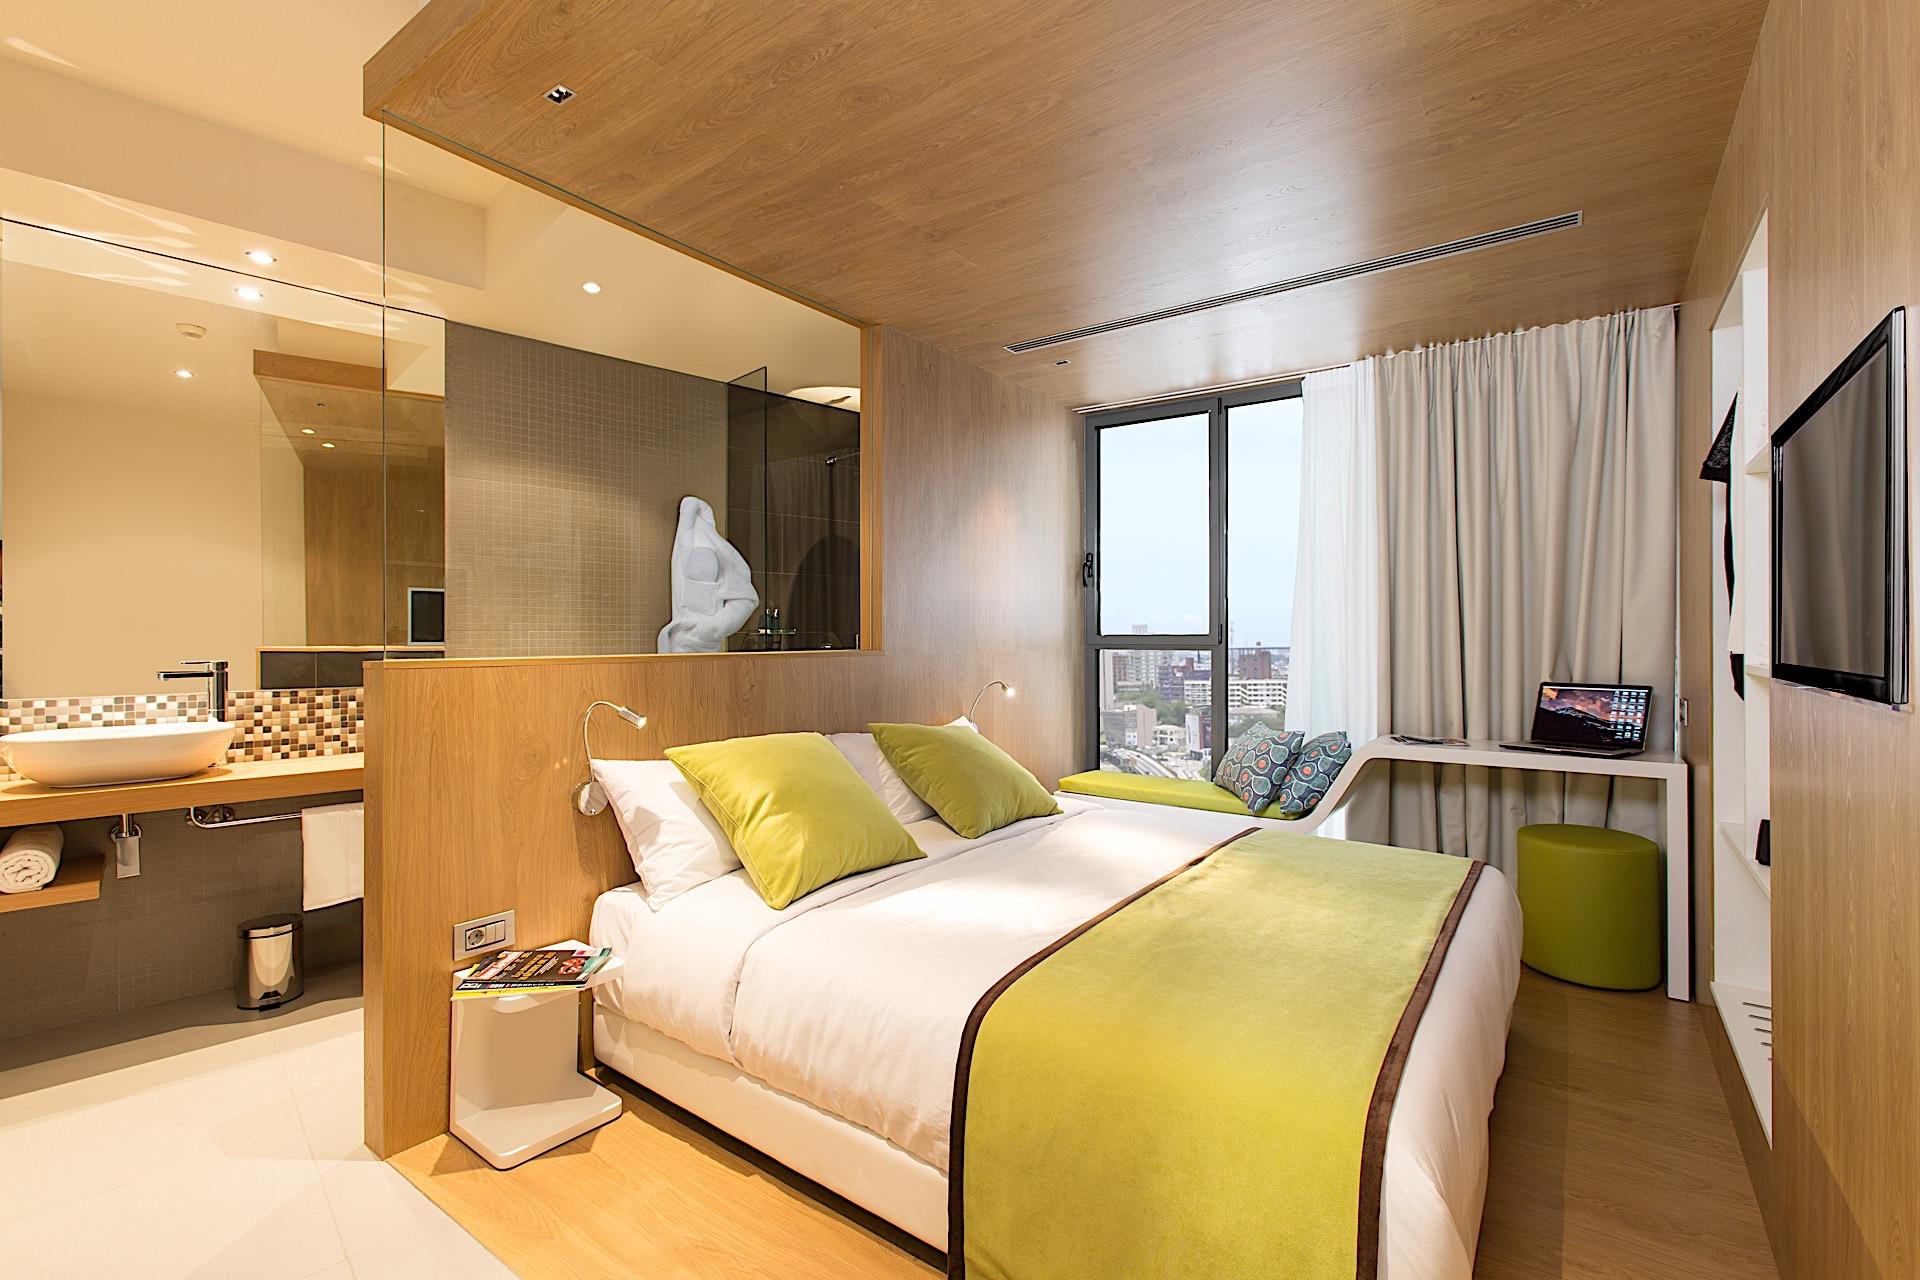 Standard room at Seen Hotel Abidjan Plateau